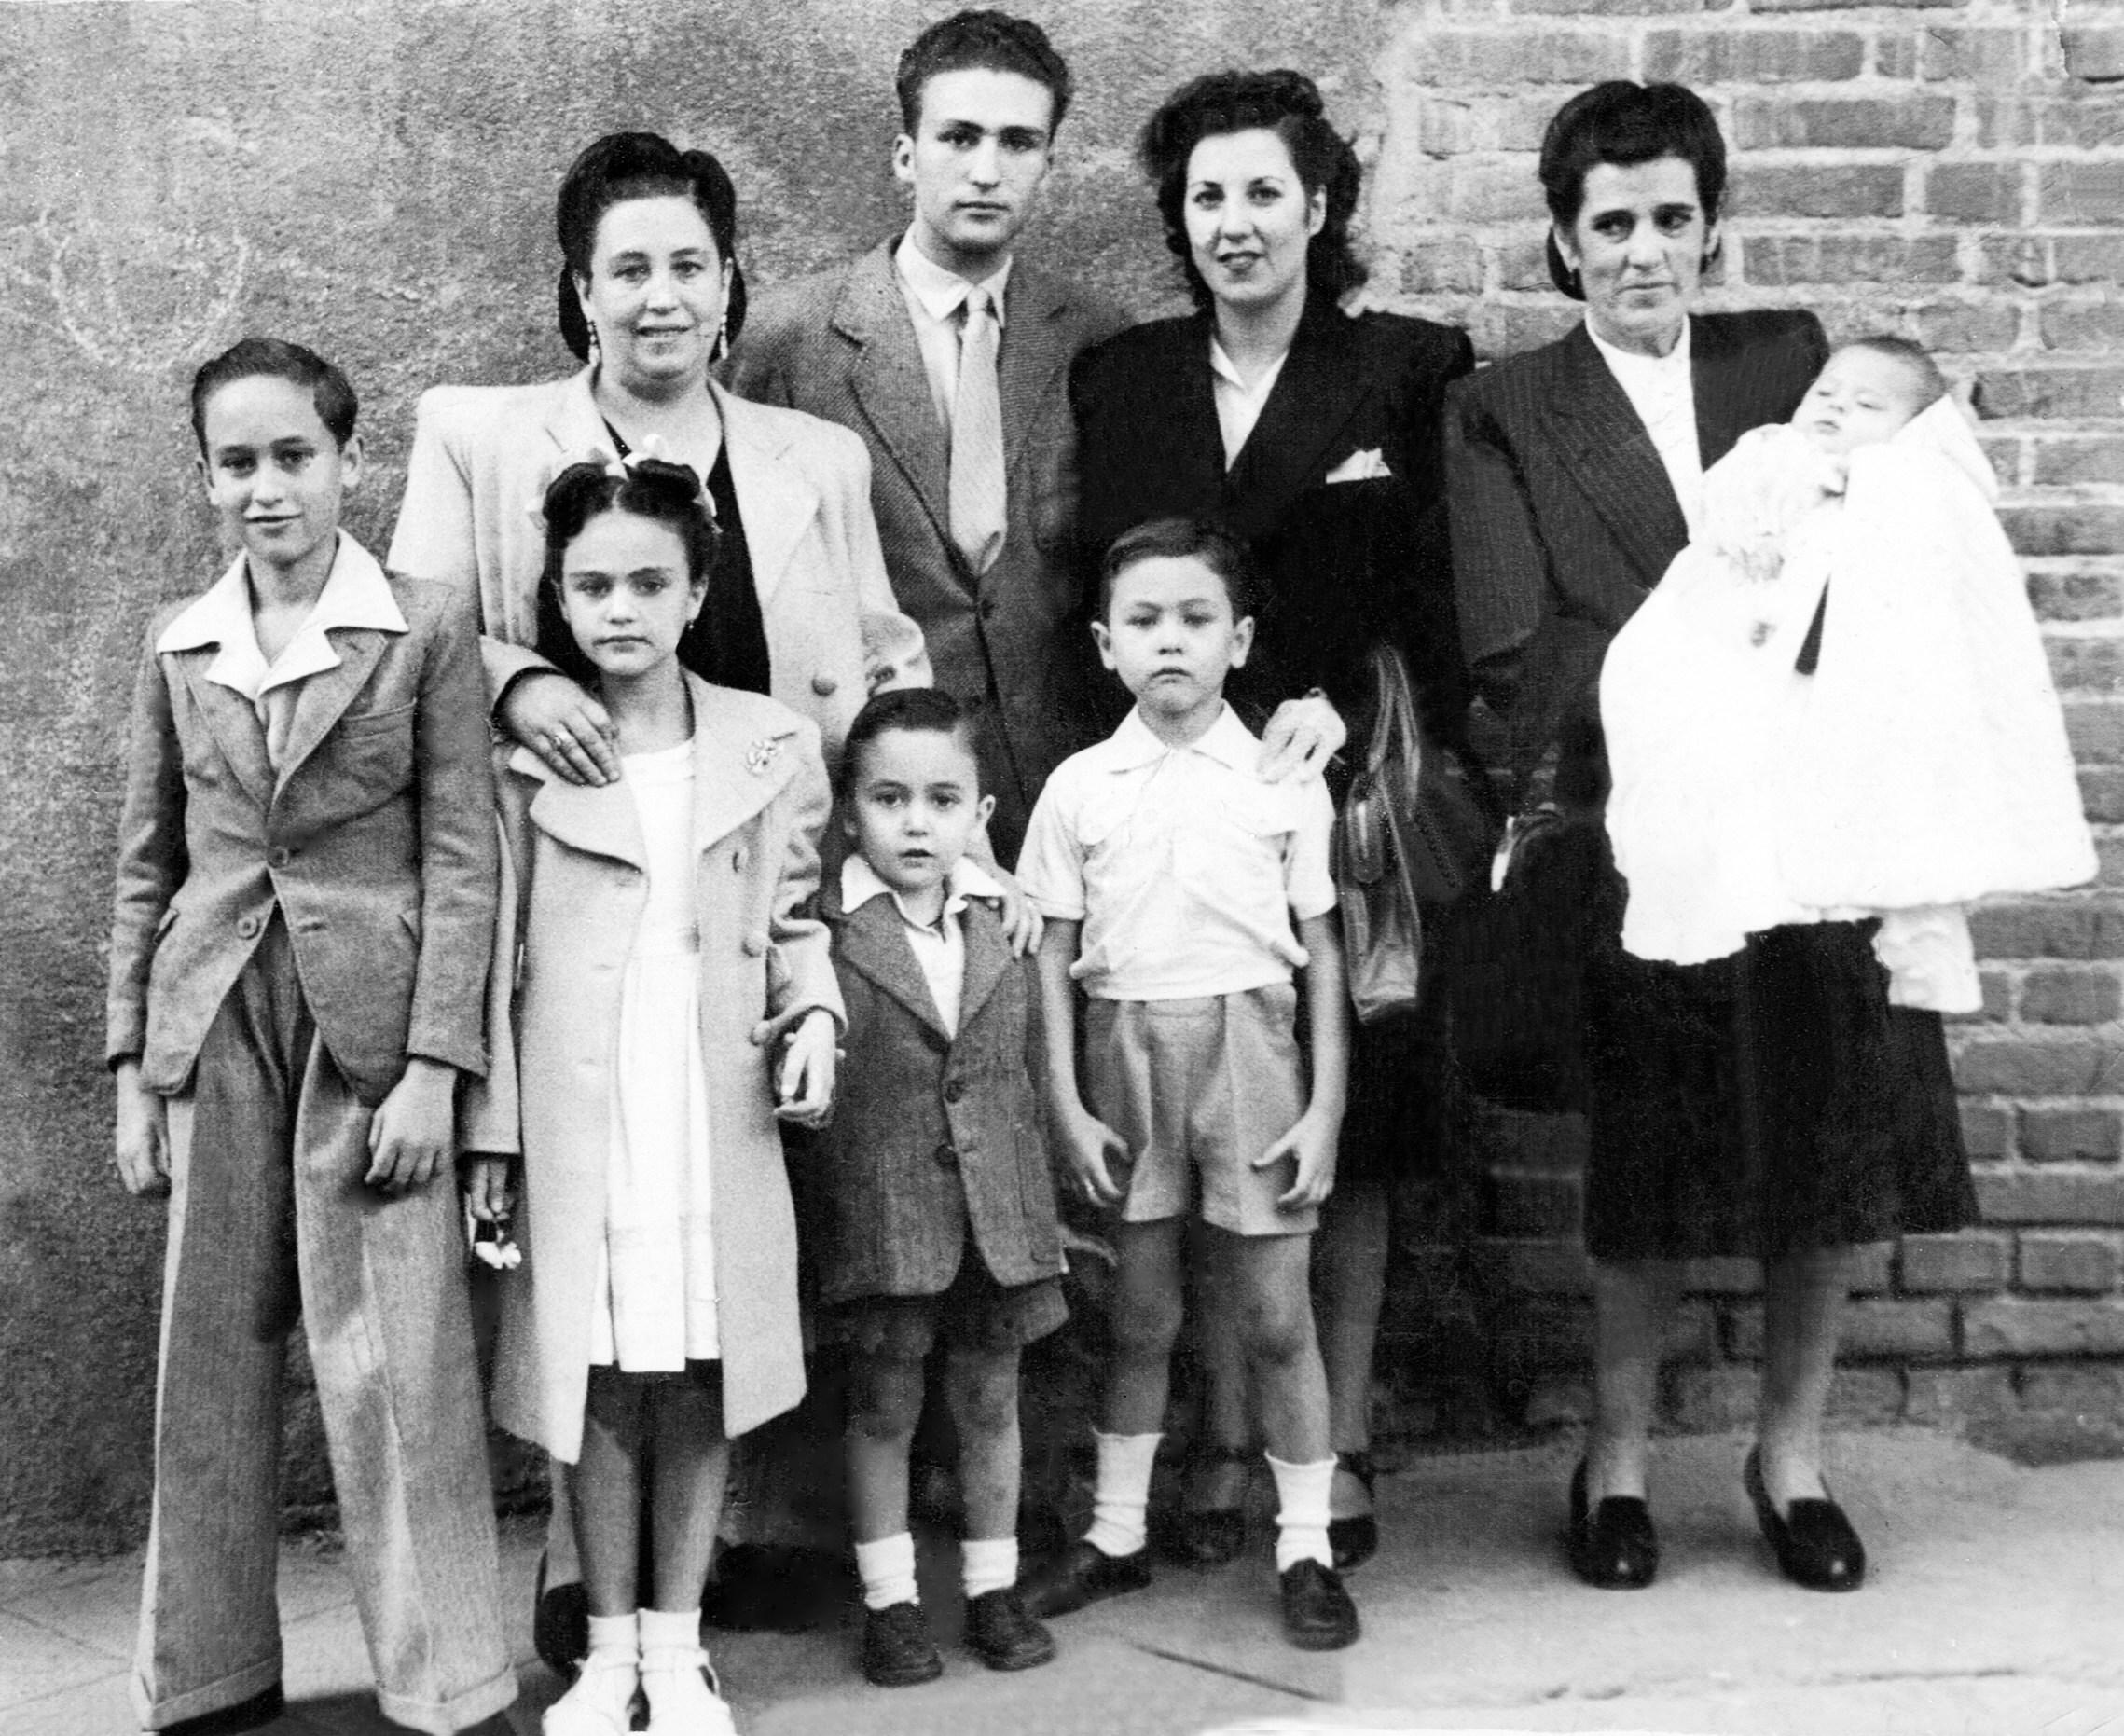 10 - Mi hermano Luis, mi Mamá, mi hermana Remedios, mi hermano Pepe, mi hermano Carlos, mi prima Pura, Angel, mi tia Eugenia y un bebe